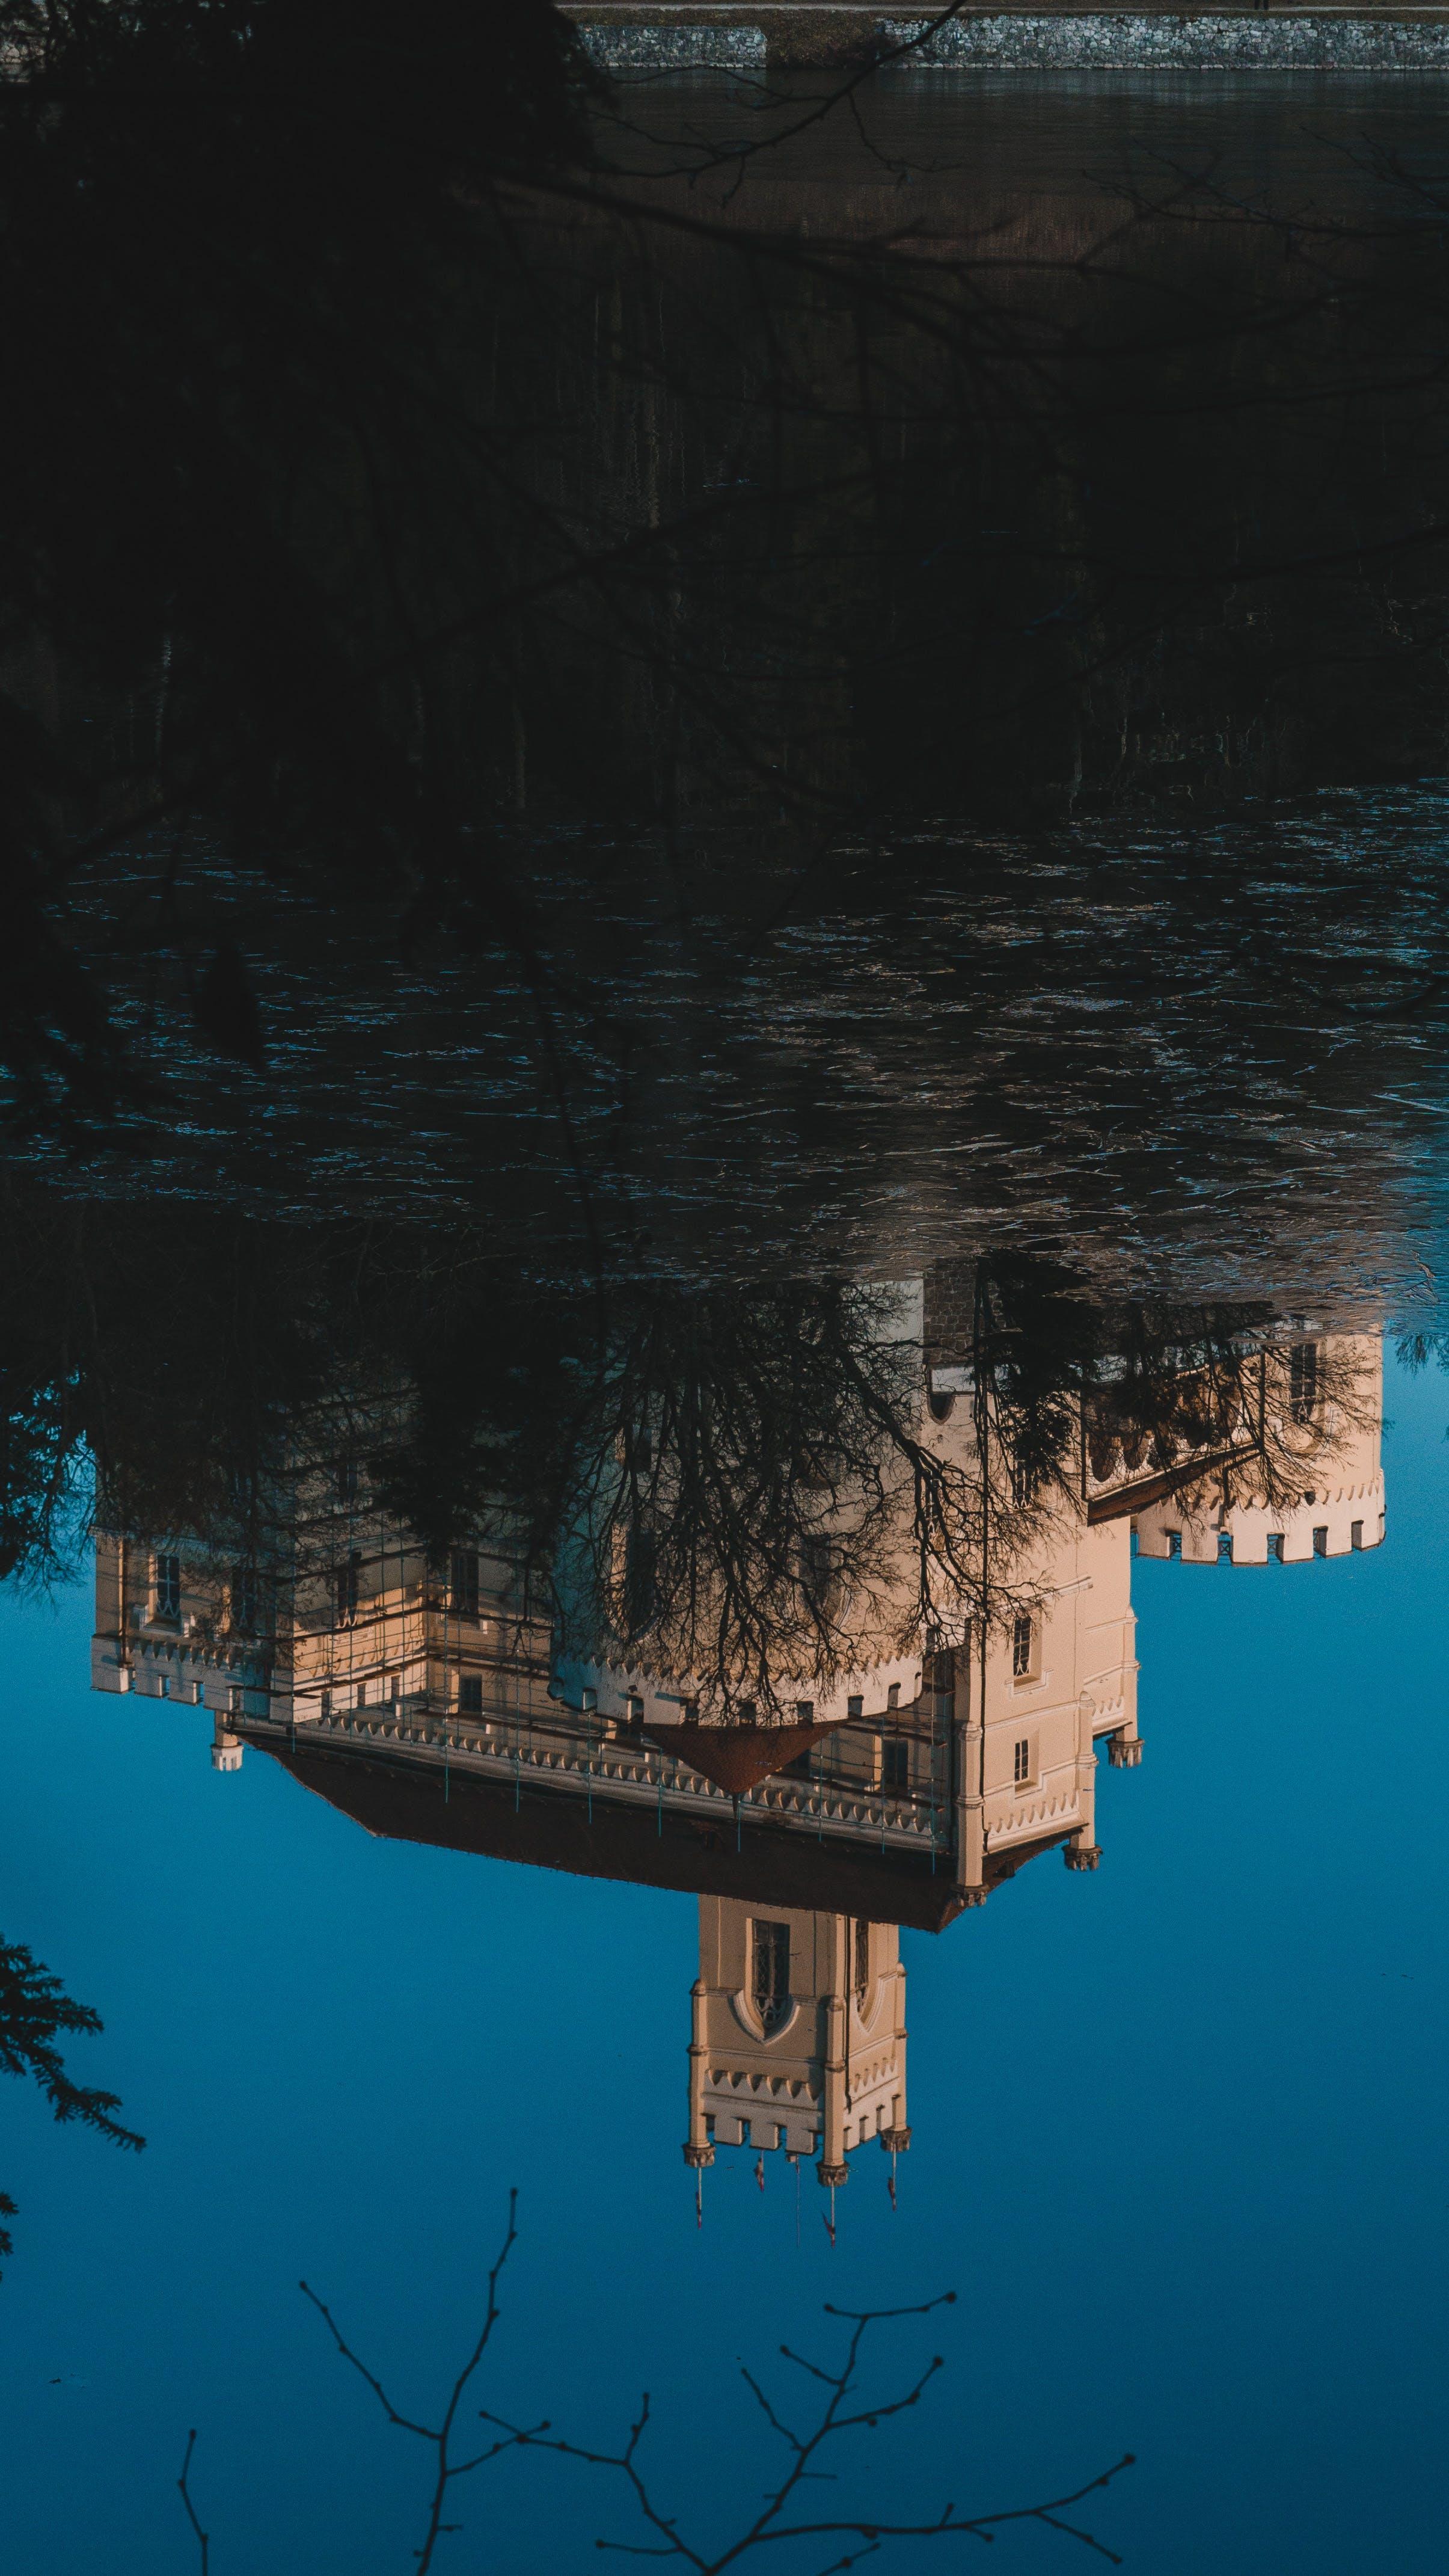 Gratis arkivbilde med refleksjon, slott